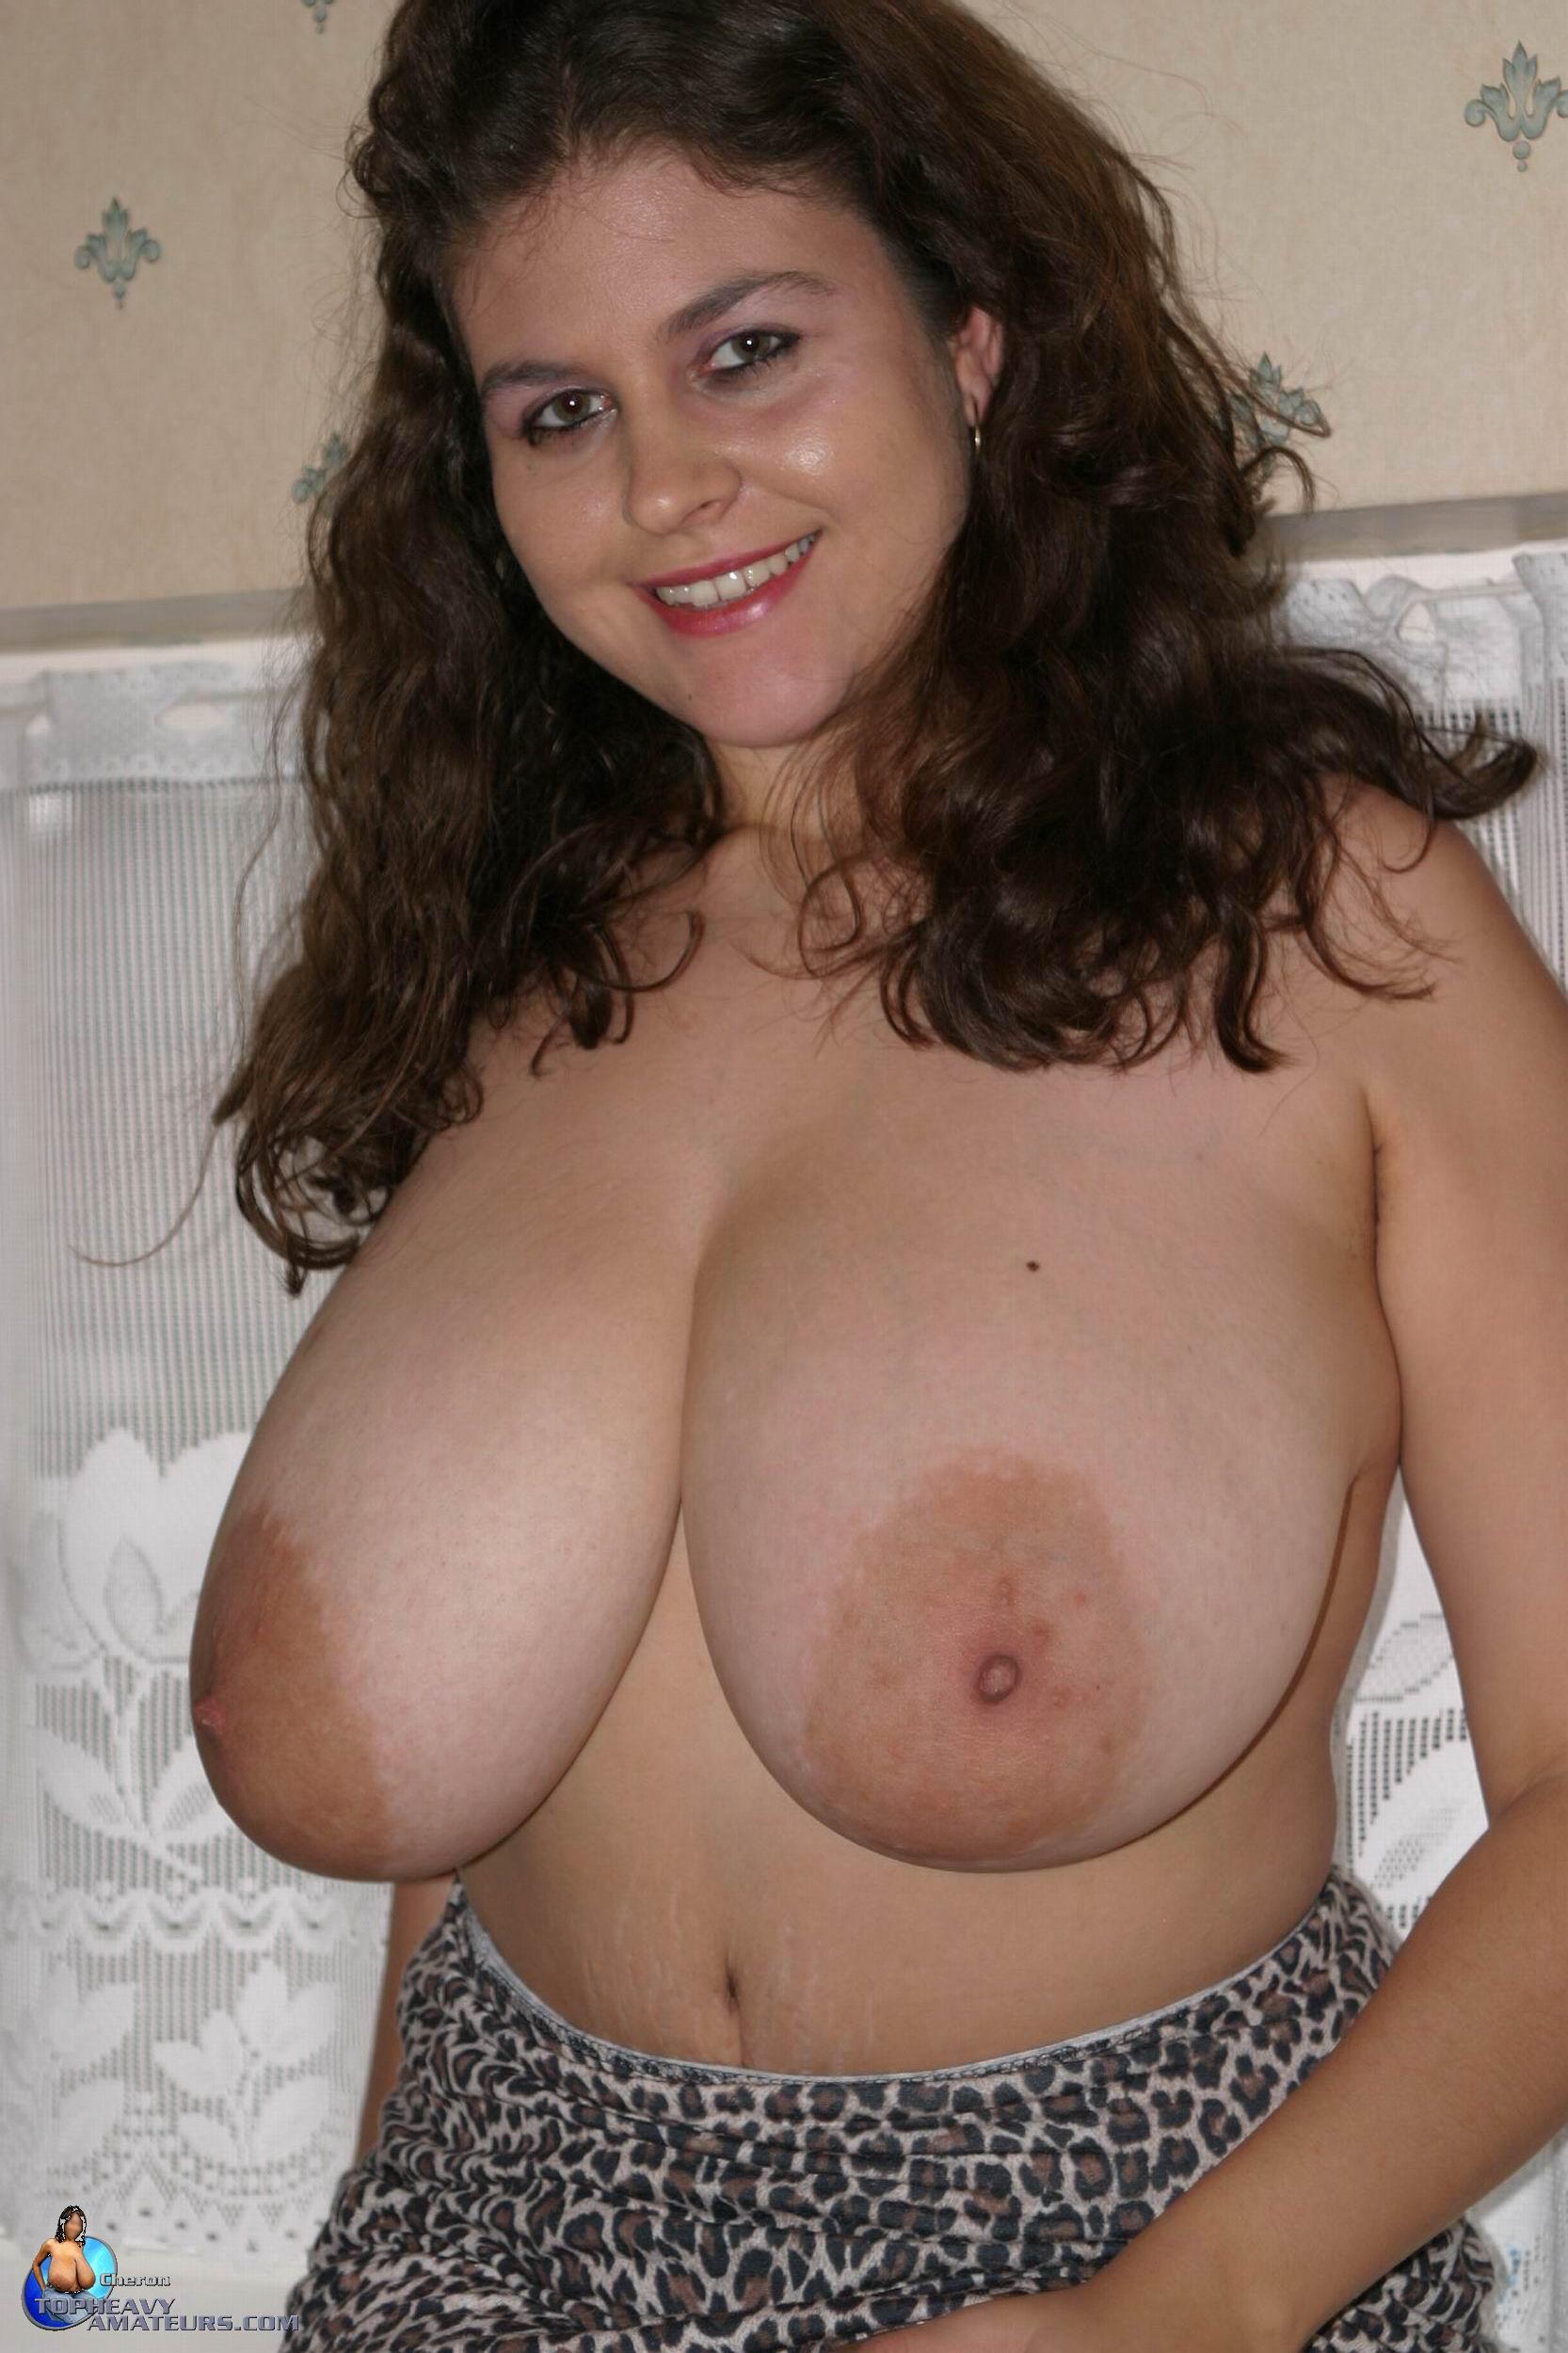 Big Tits and Huge Boobs at